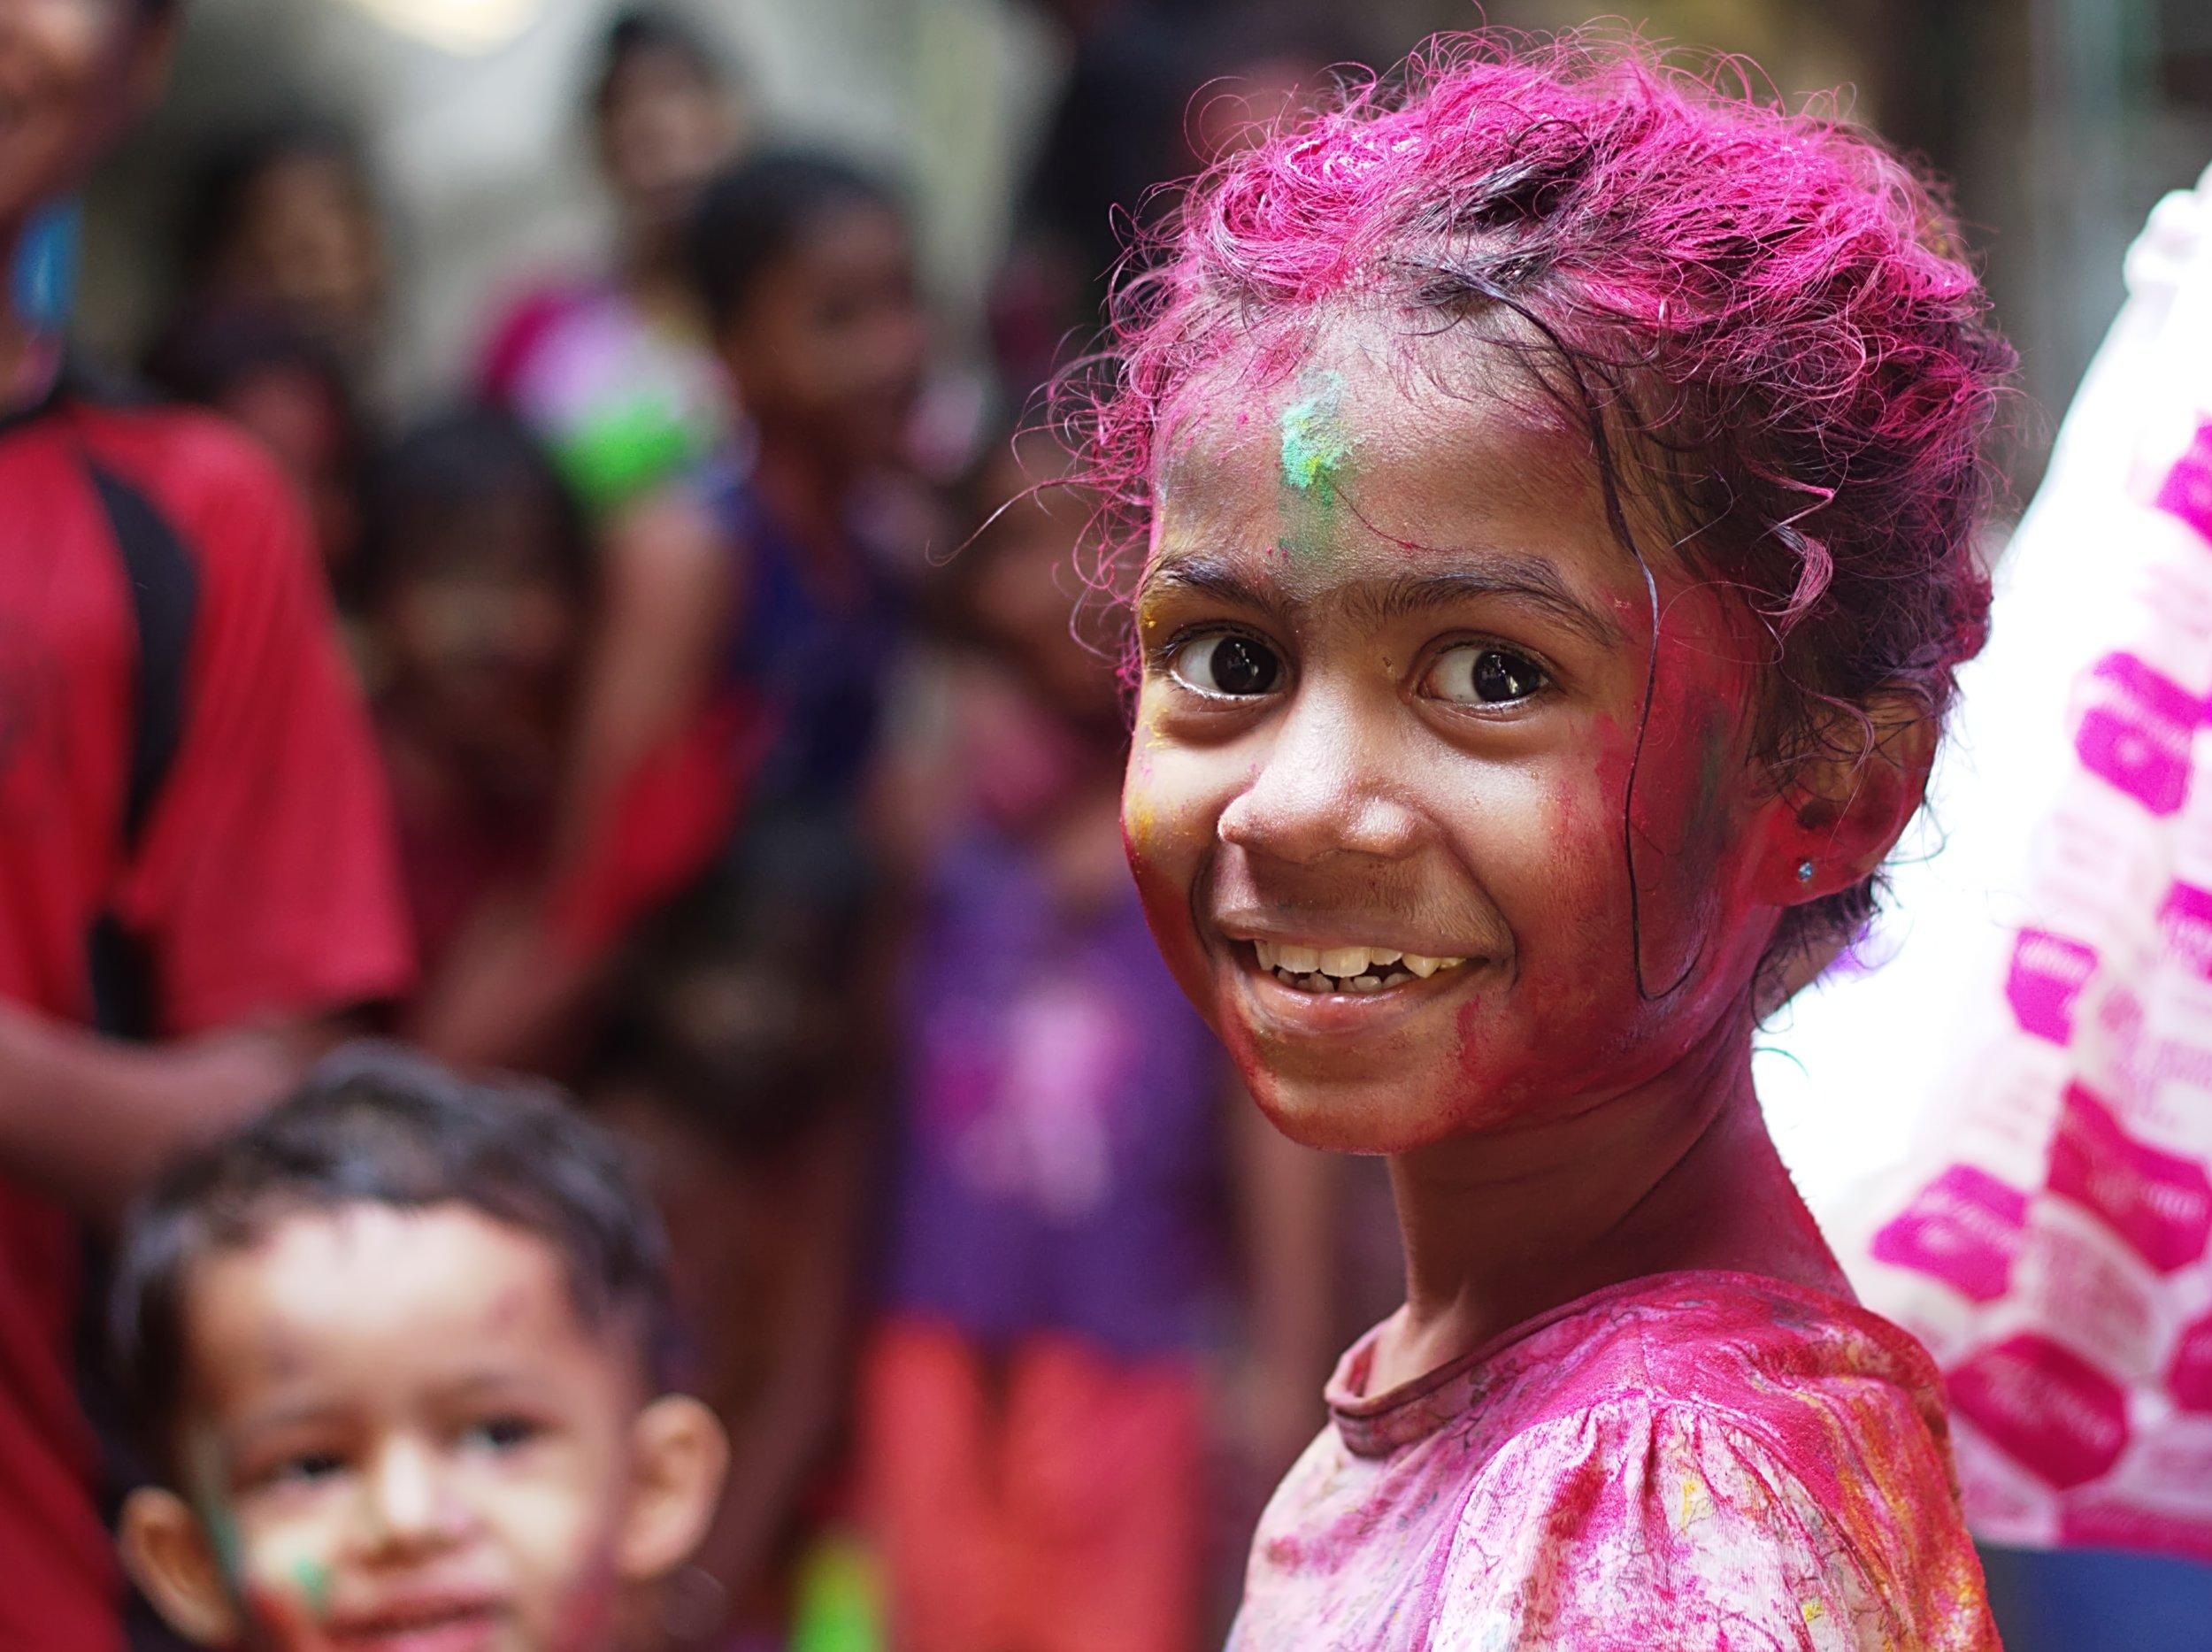 Photo credit: Himanshu Singh Gurjar | Photo taken in Andheri East, Mumbai, India